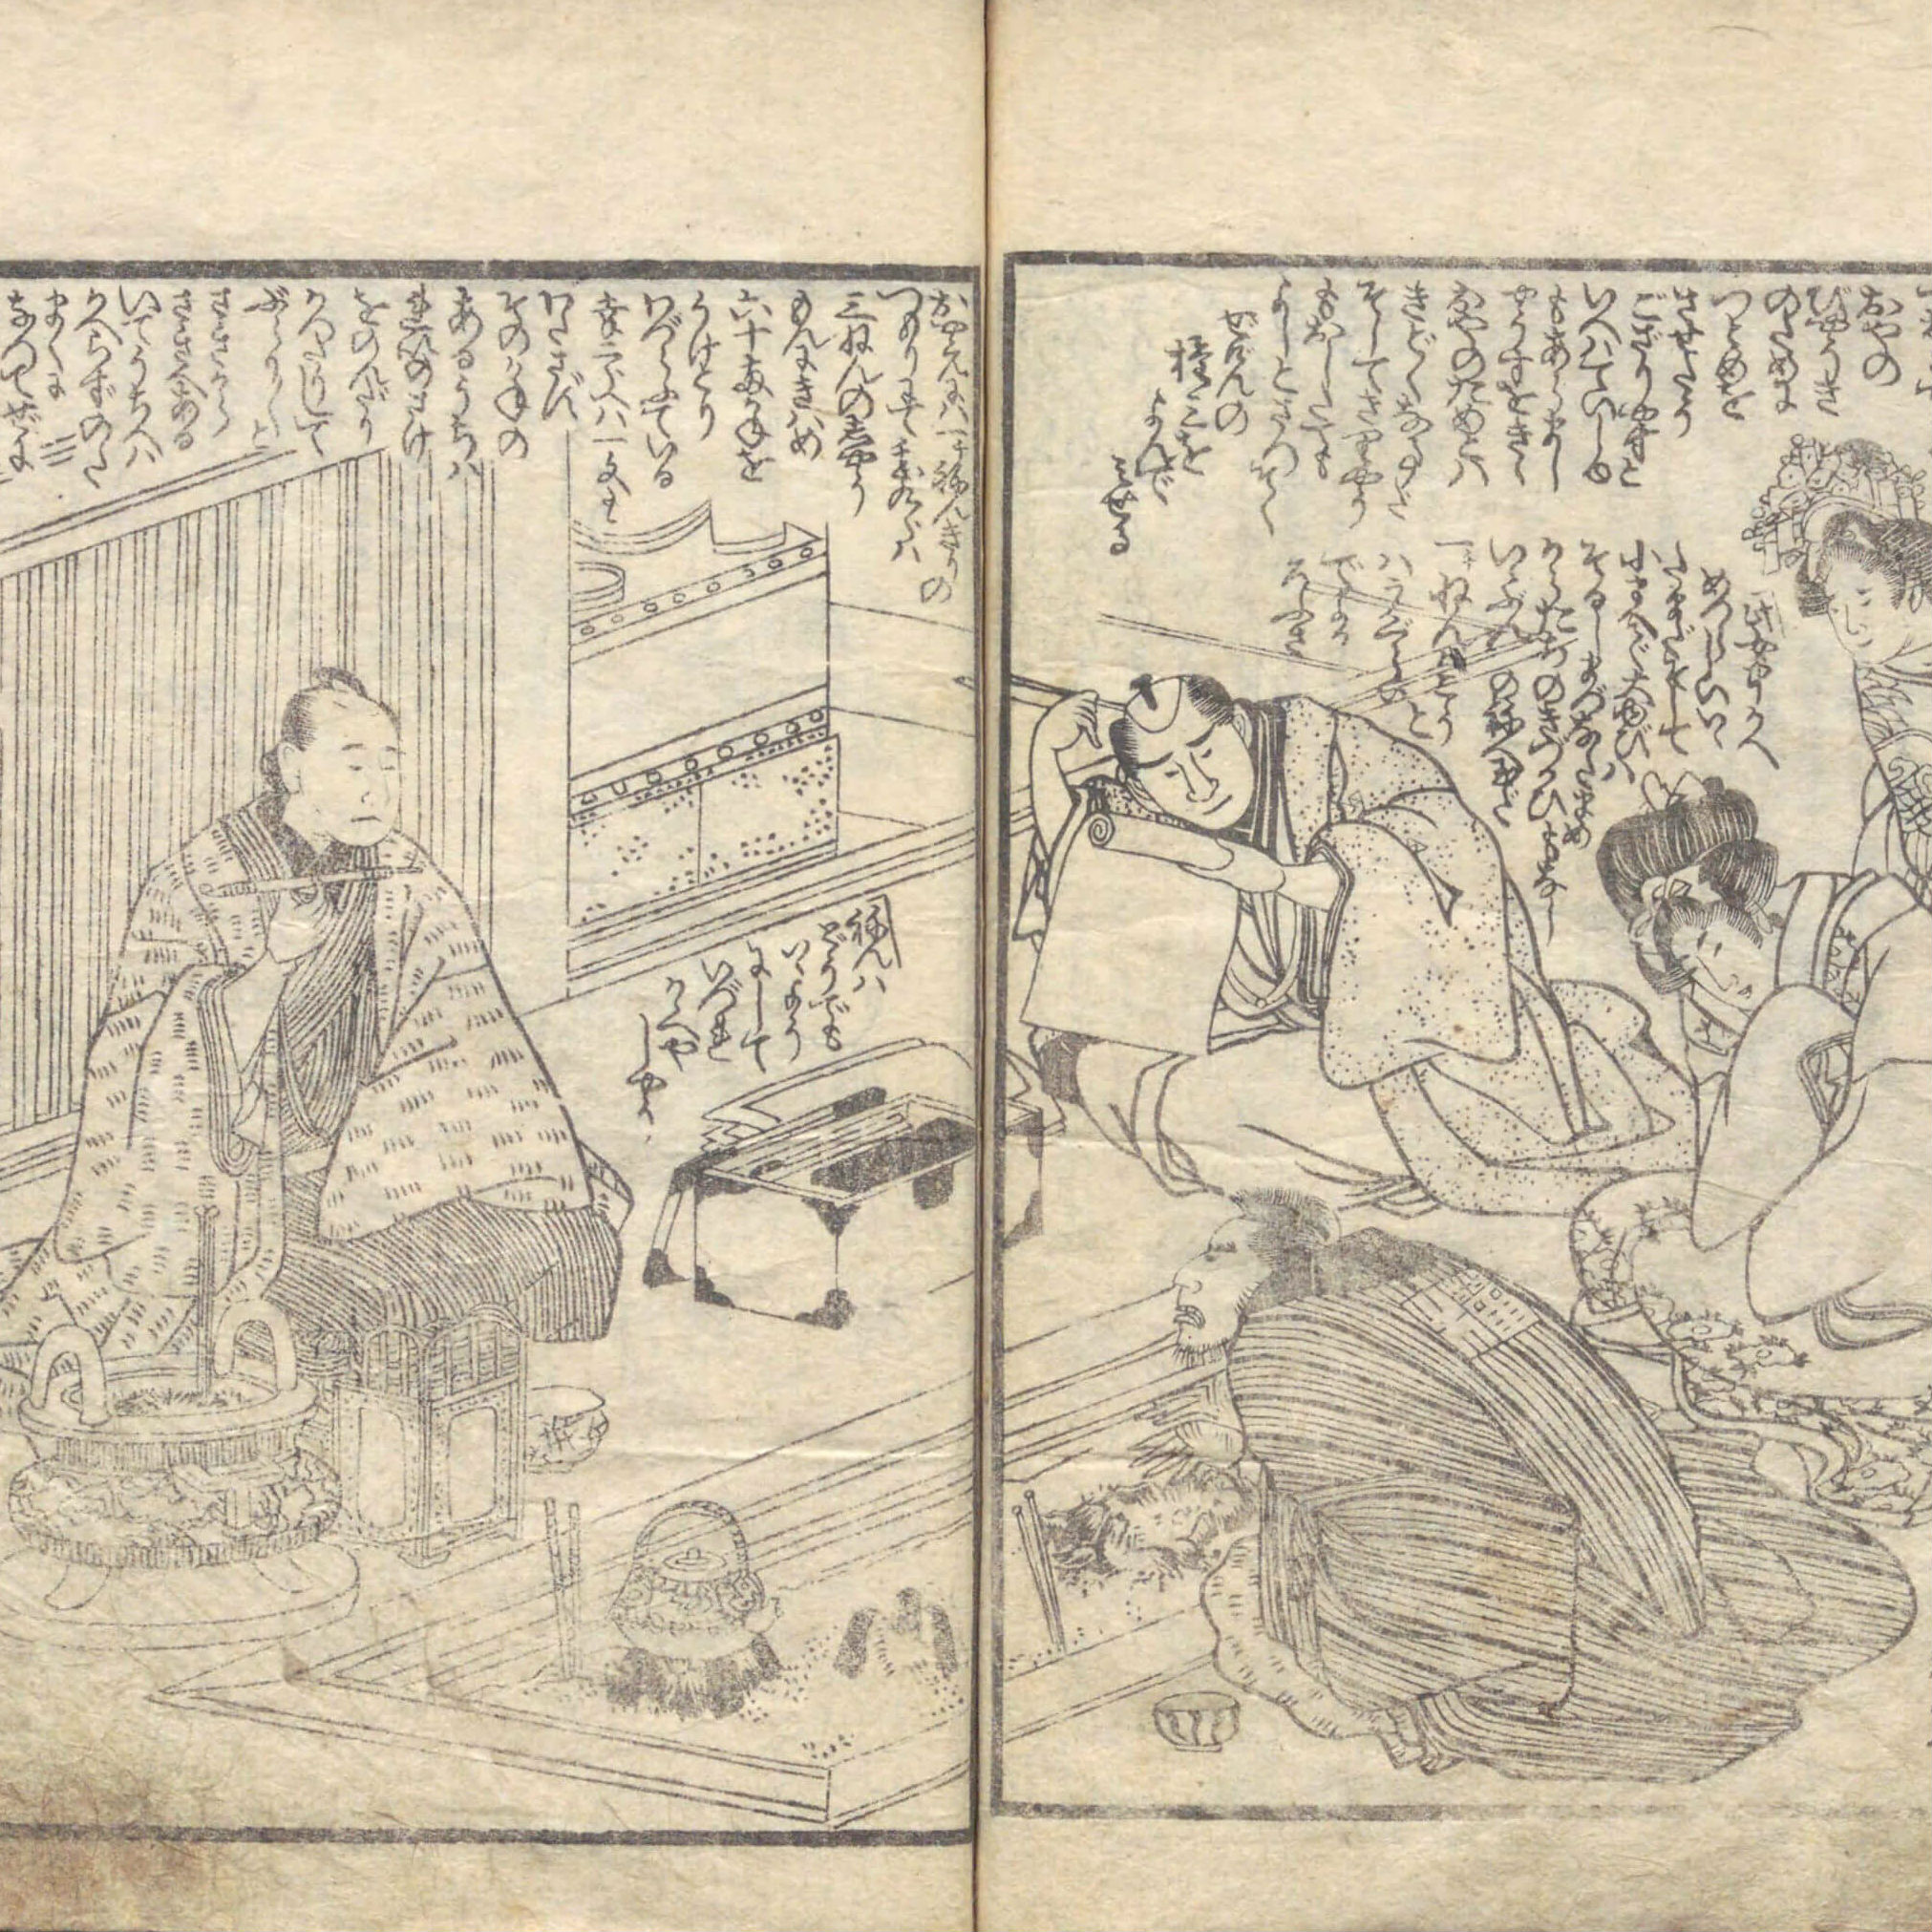 江戸時代の「女を鑑定する」専門職、女衒(ぜげん)の仕事